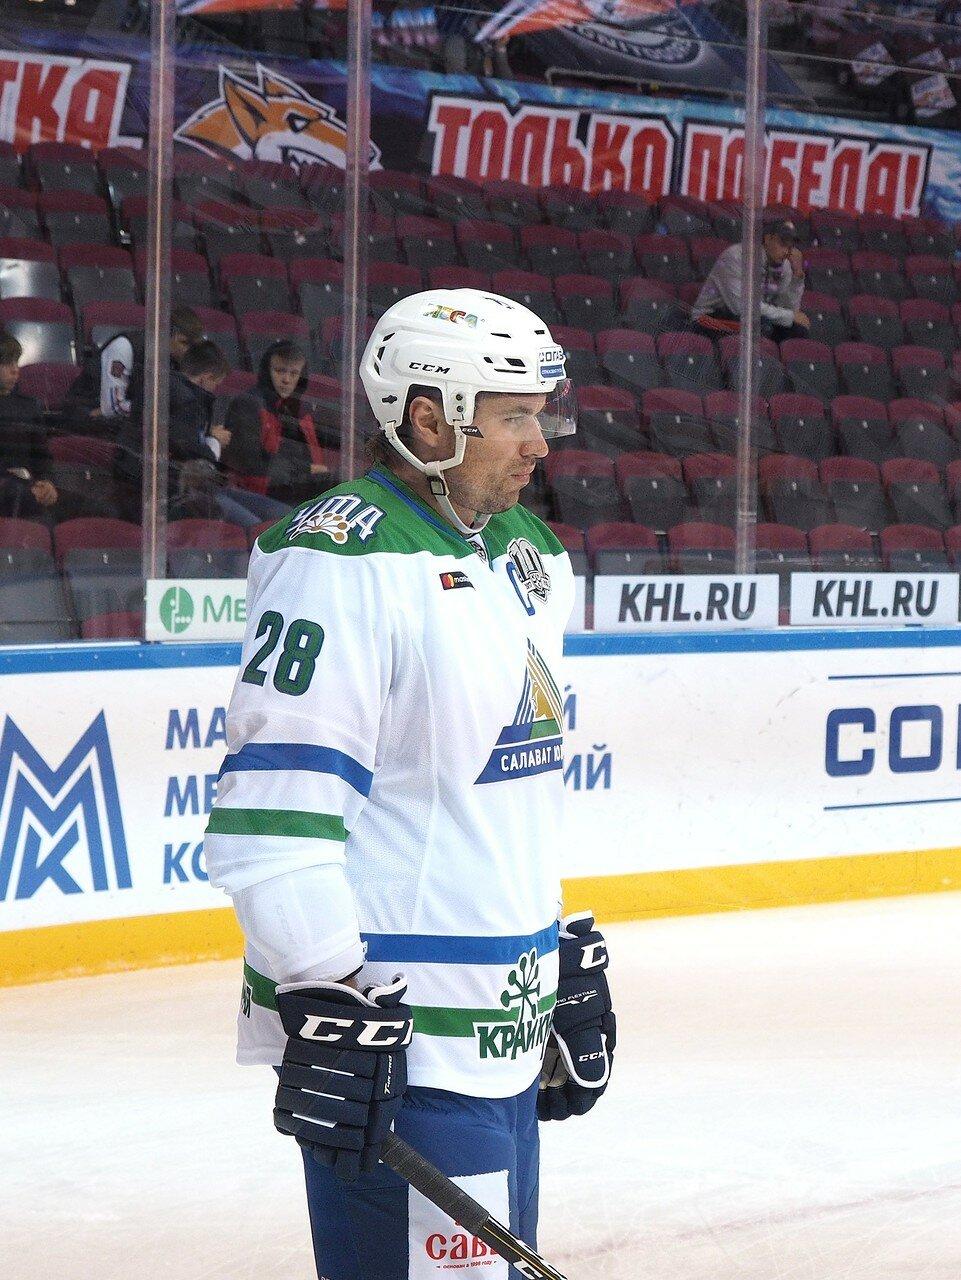 30 Металлург - Салават Юлаев 23.09.2017